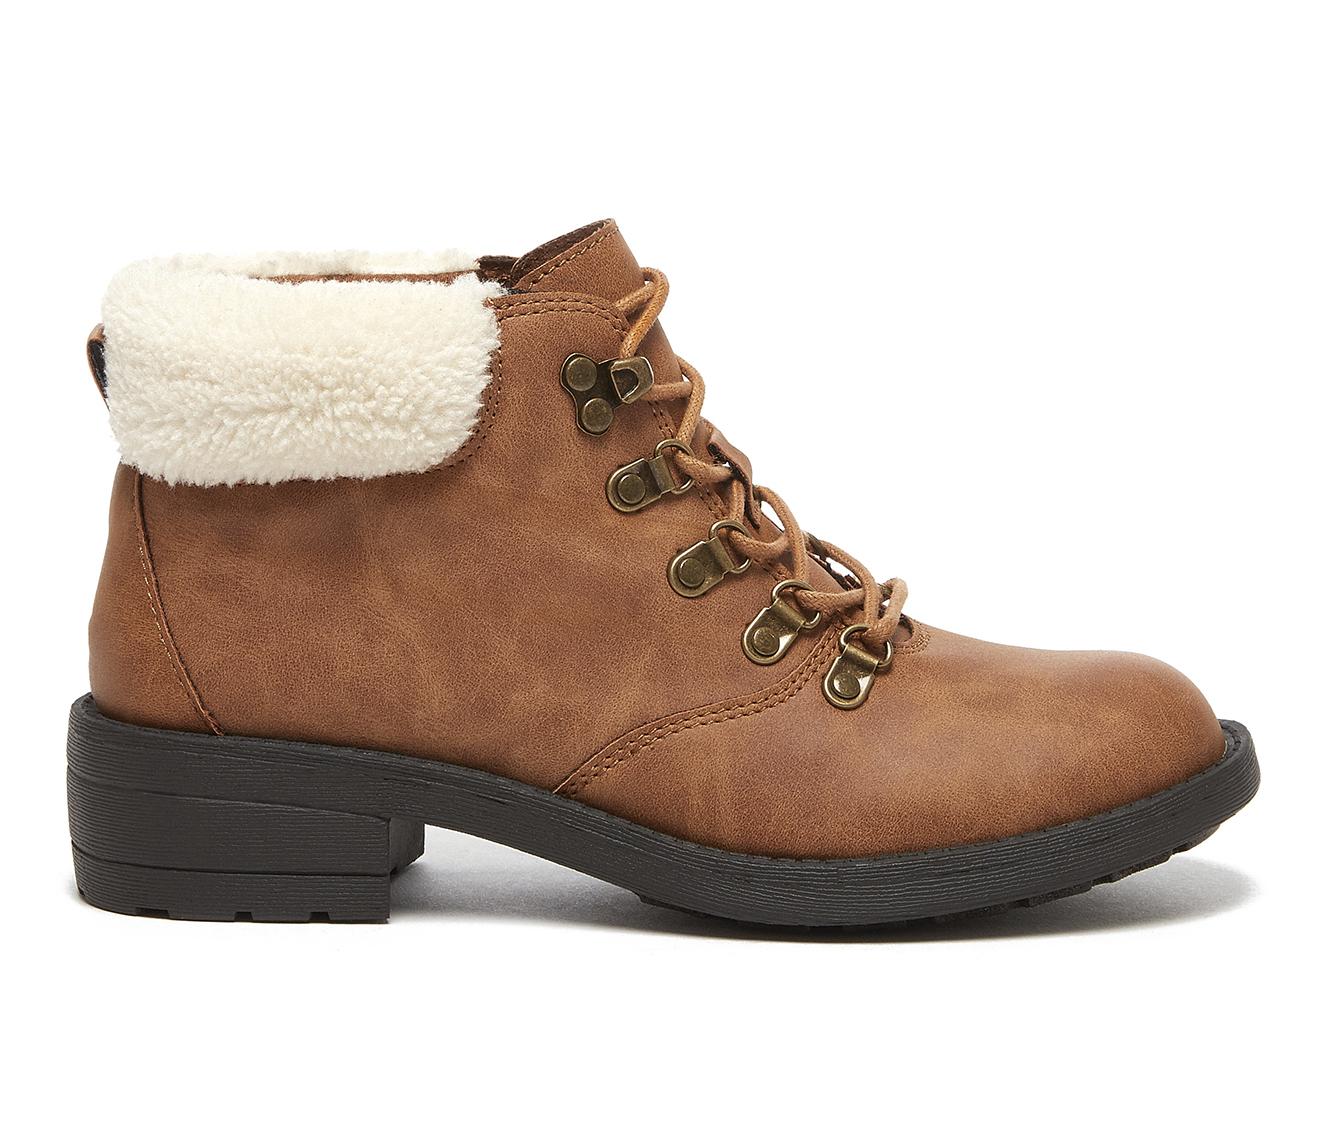 Rocket Dog Train Women's Boot (Beige Faux Leather)